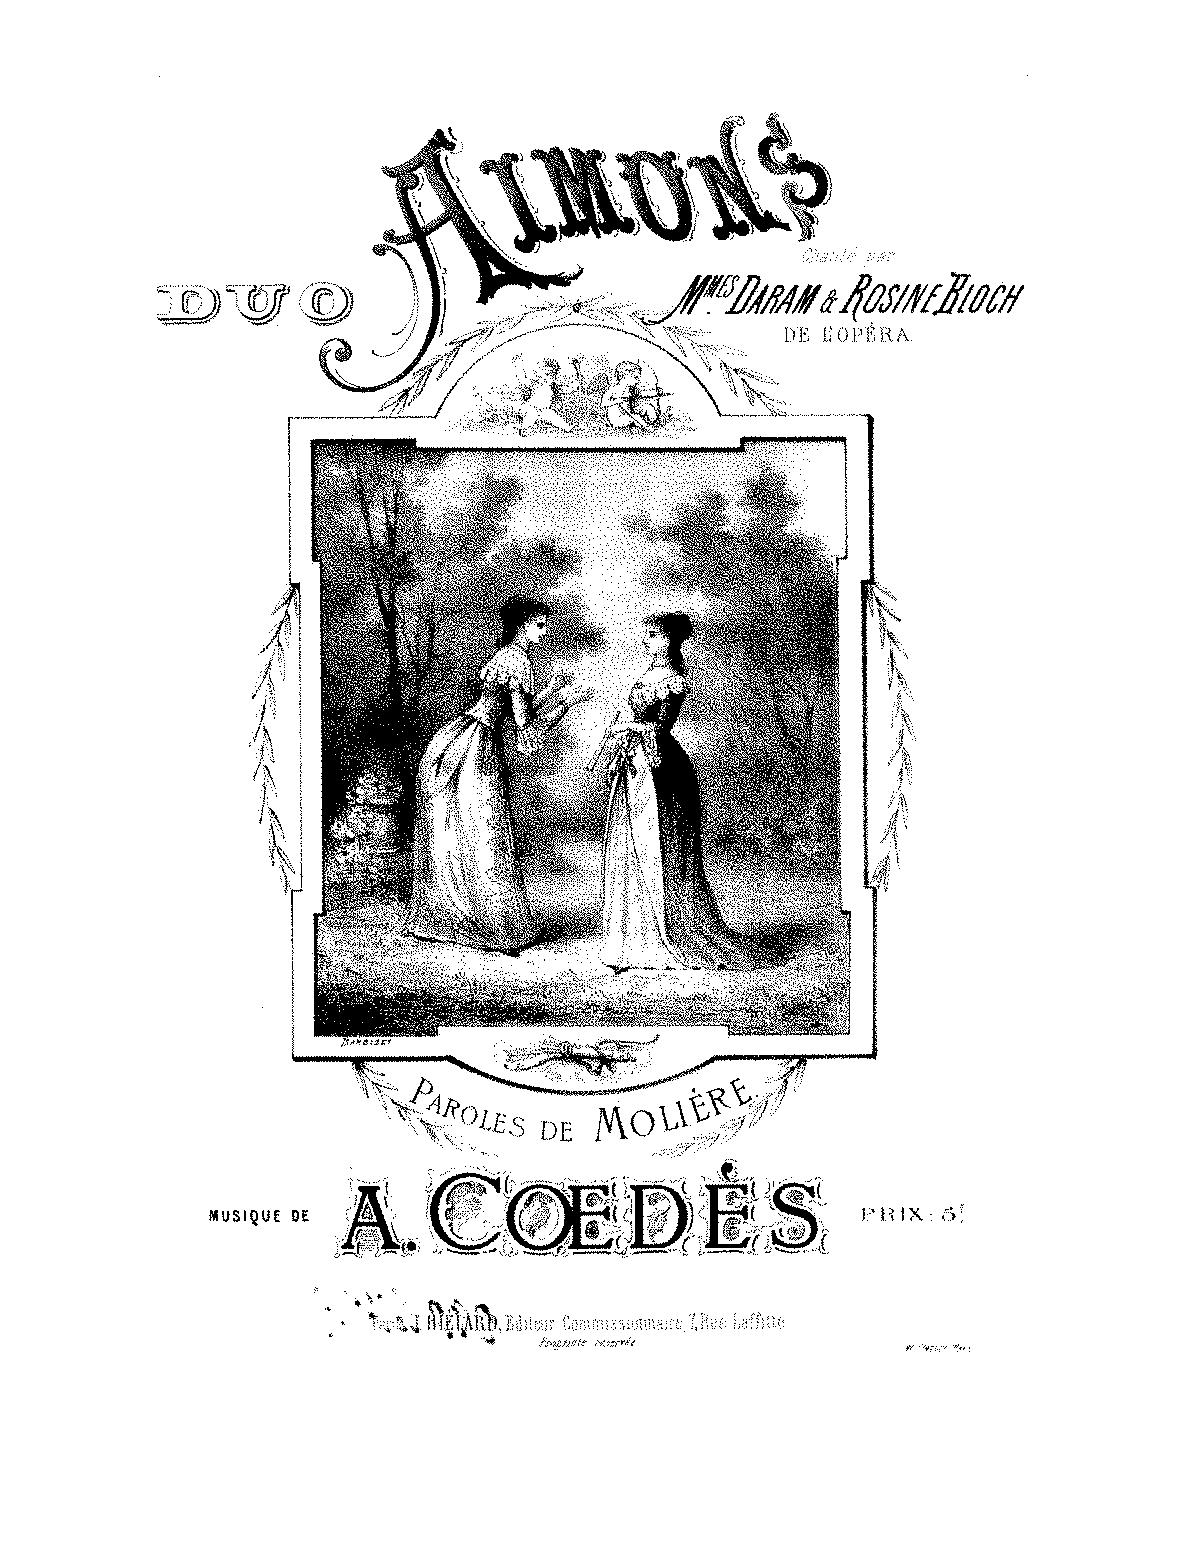 Aimons! (Cœdès, Auguste) - IMSLP/Petrucci Music Library: Free Public